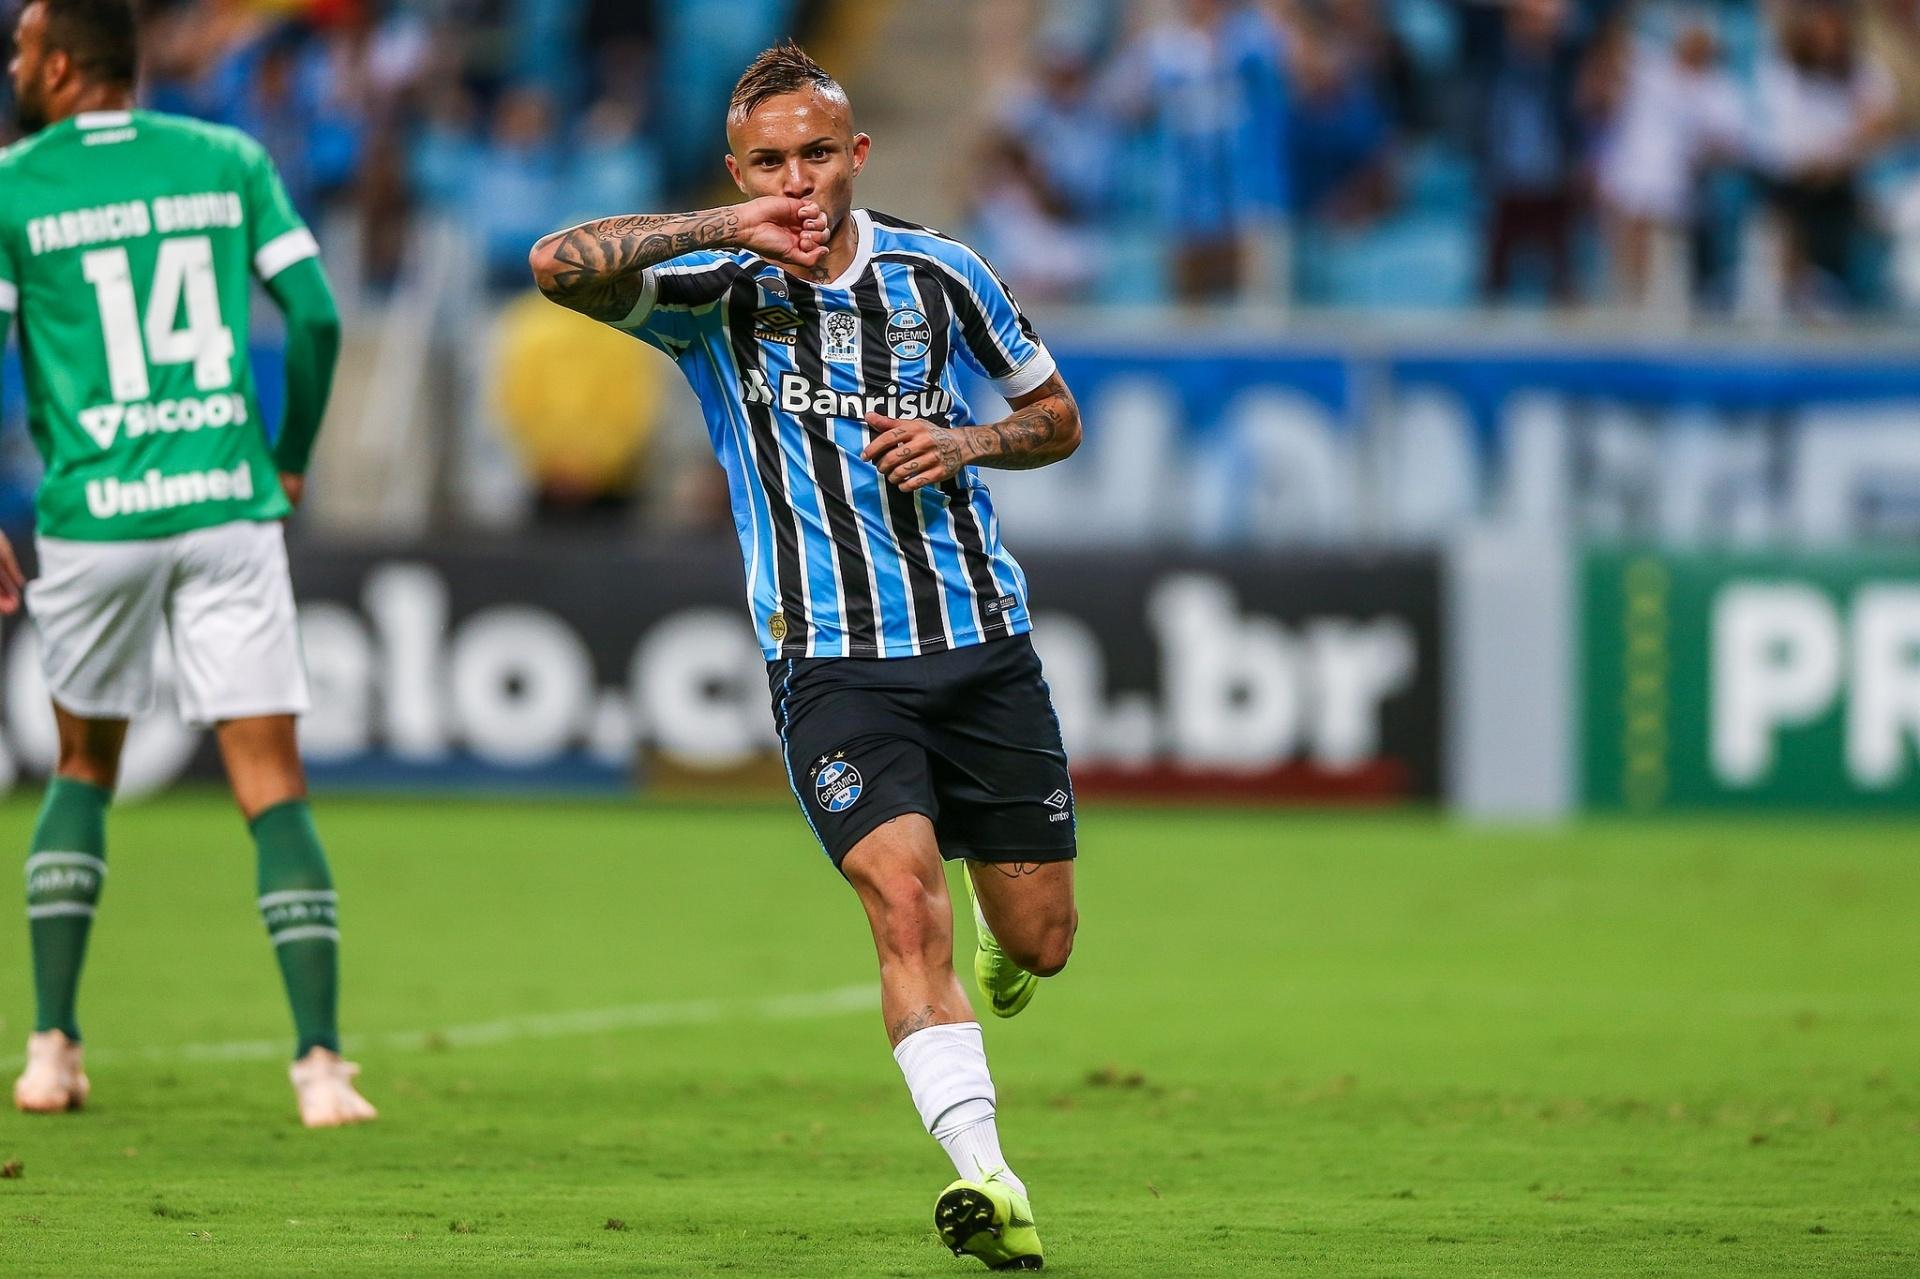 104d561e45 Grêmio tenta  fazer sua parte  por G-4 e usa pressão contra o Vitória -  25 11 2018 - UOL Esporte